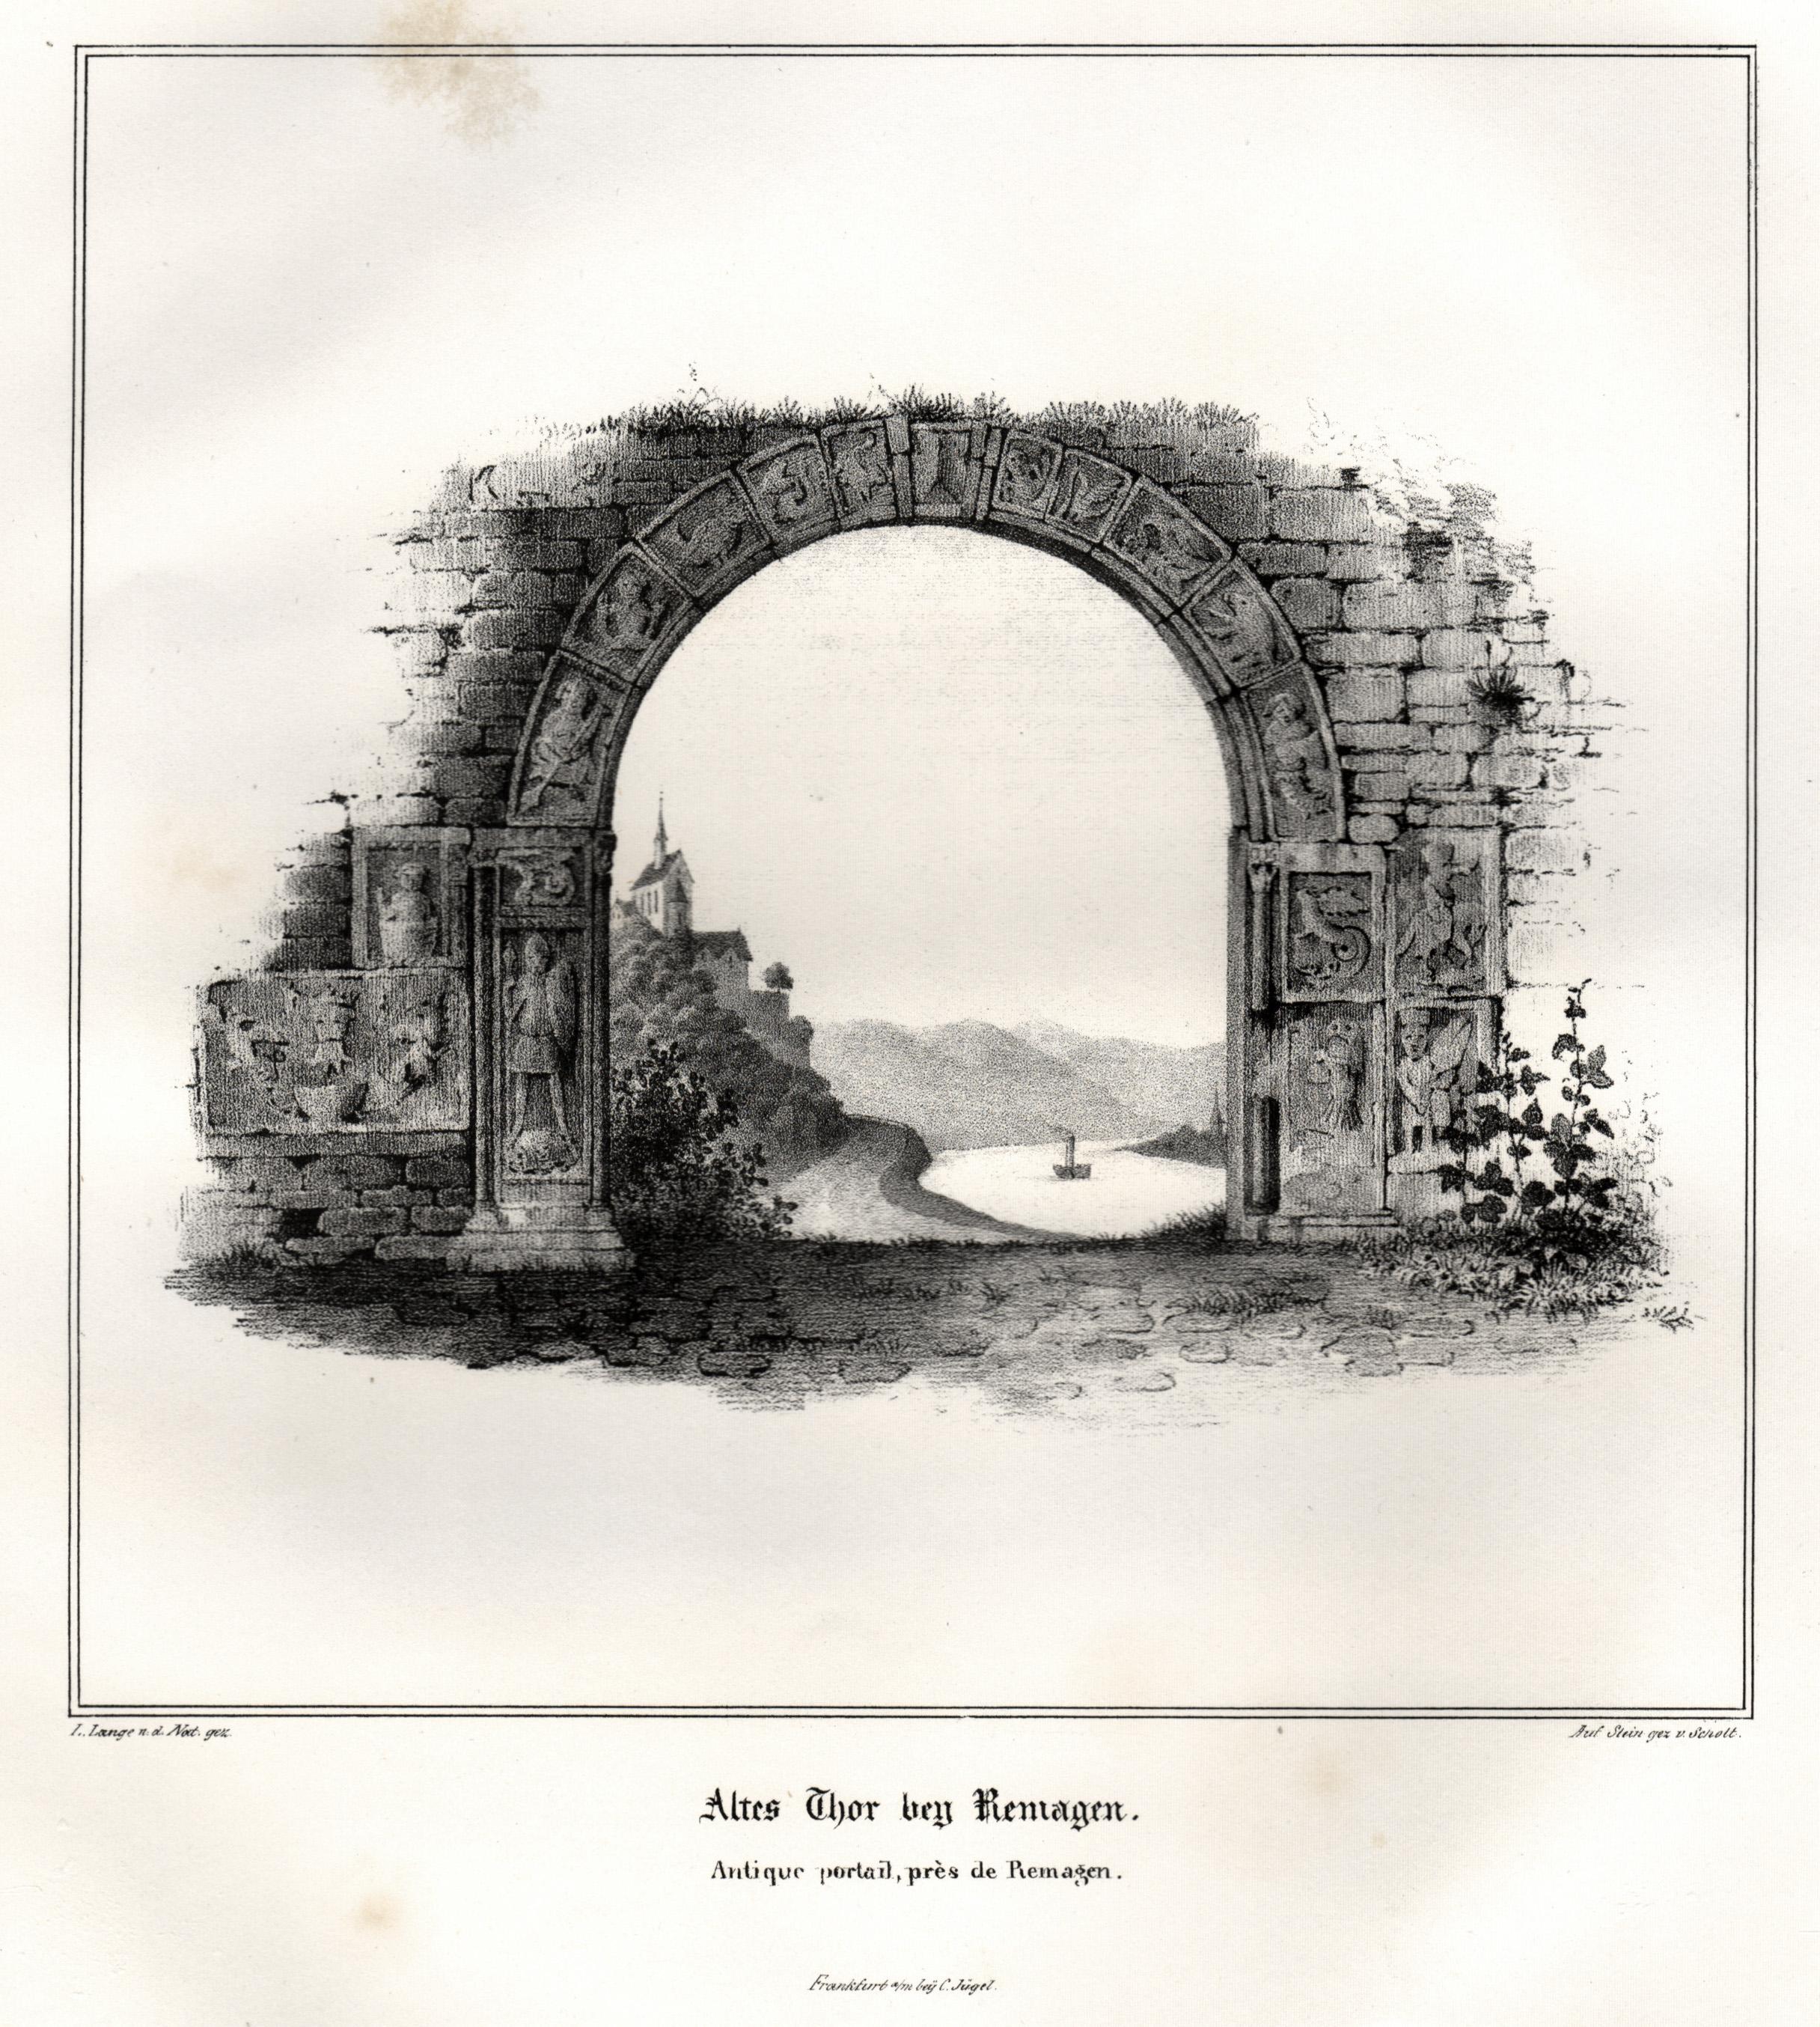 """TA., Altes Tor, """"Altes Tor bei Remagen"""".: Remagen:"""